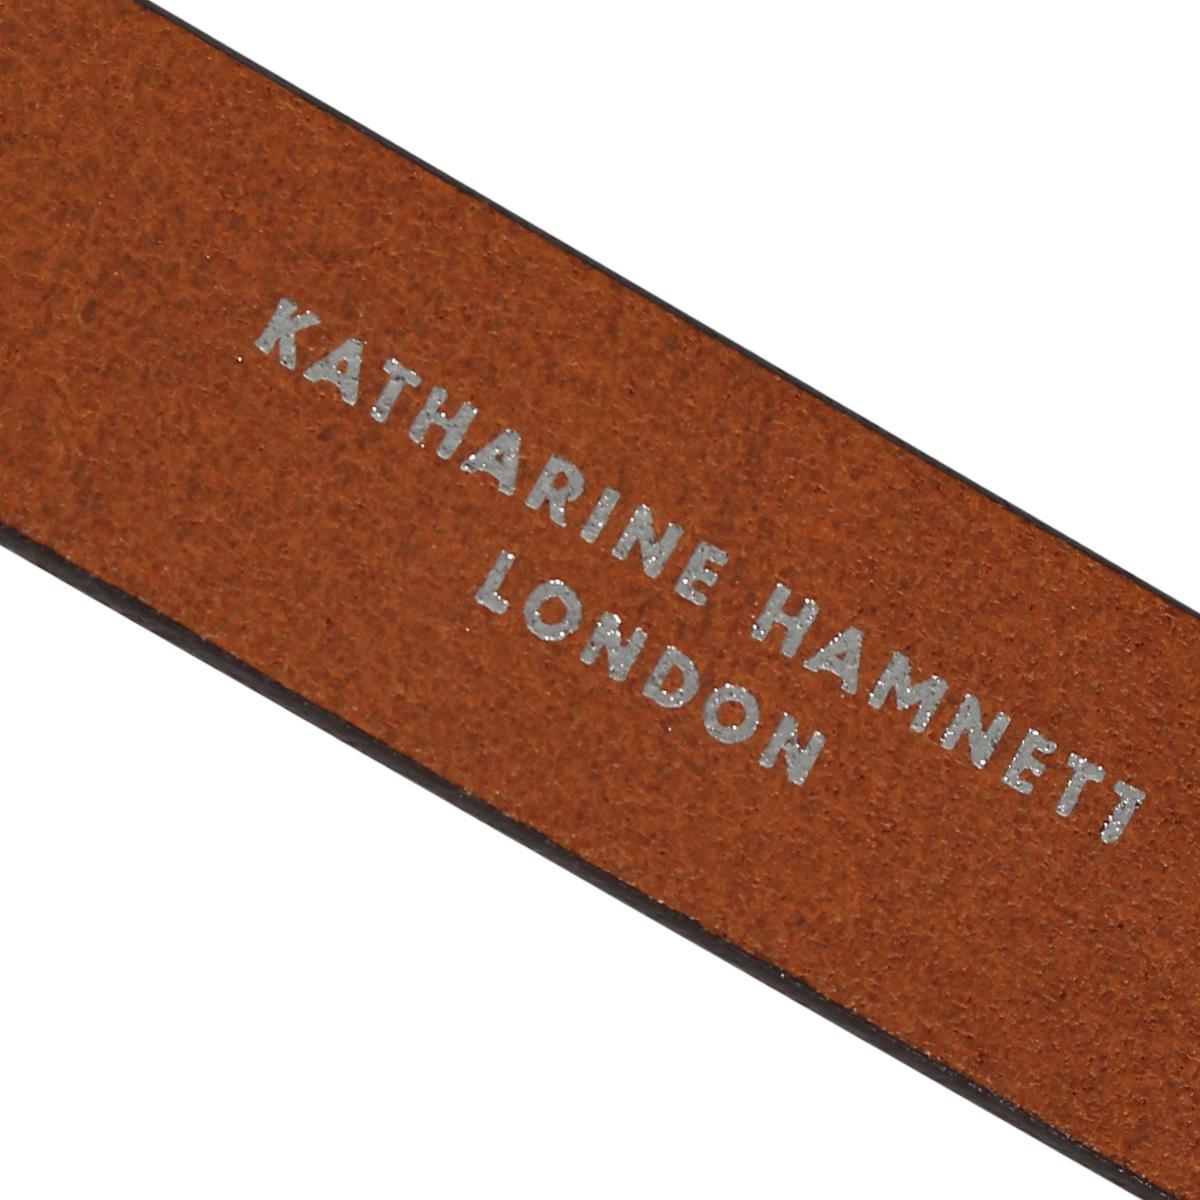 KATHARINE HAMNETT LONDON LEATHER BELT キャサリンハムネット ロンドン ベルト レザーベルト メンズ 本革 ブラック ダーク ブラウン 黒 KH 506025yb7vIgYf6